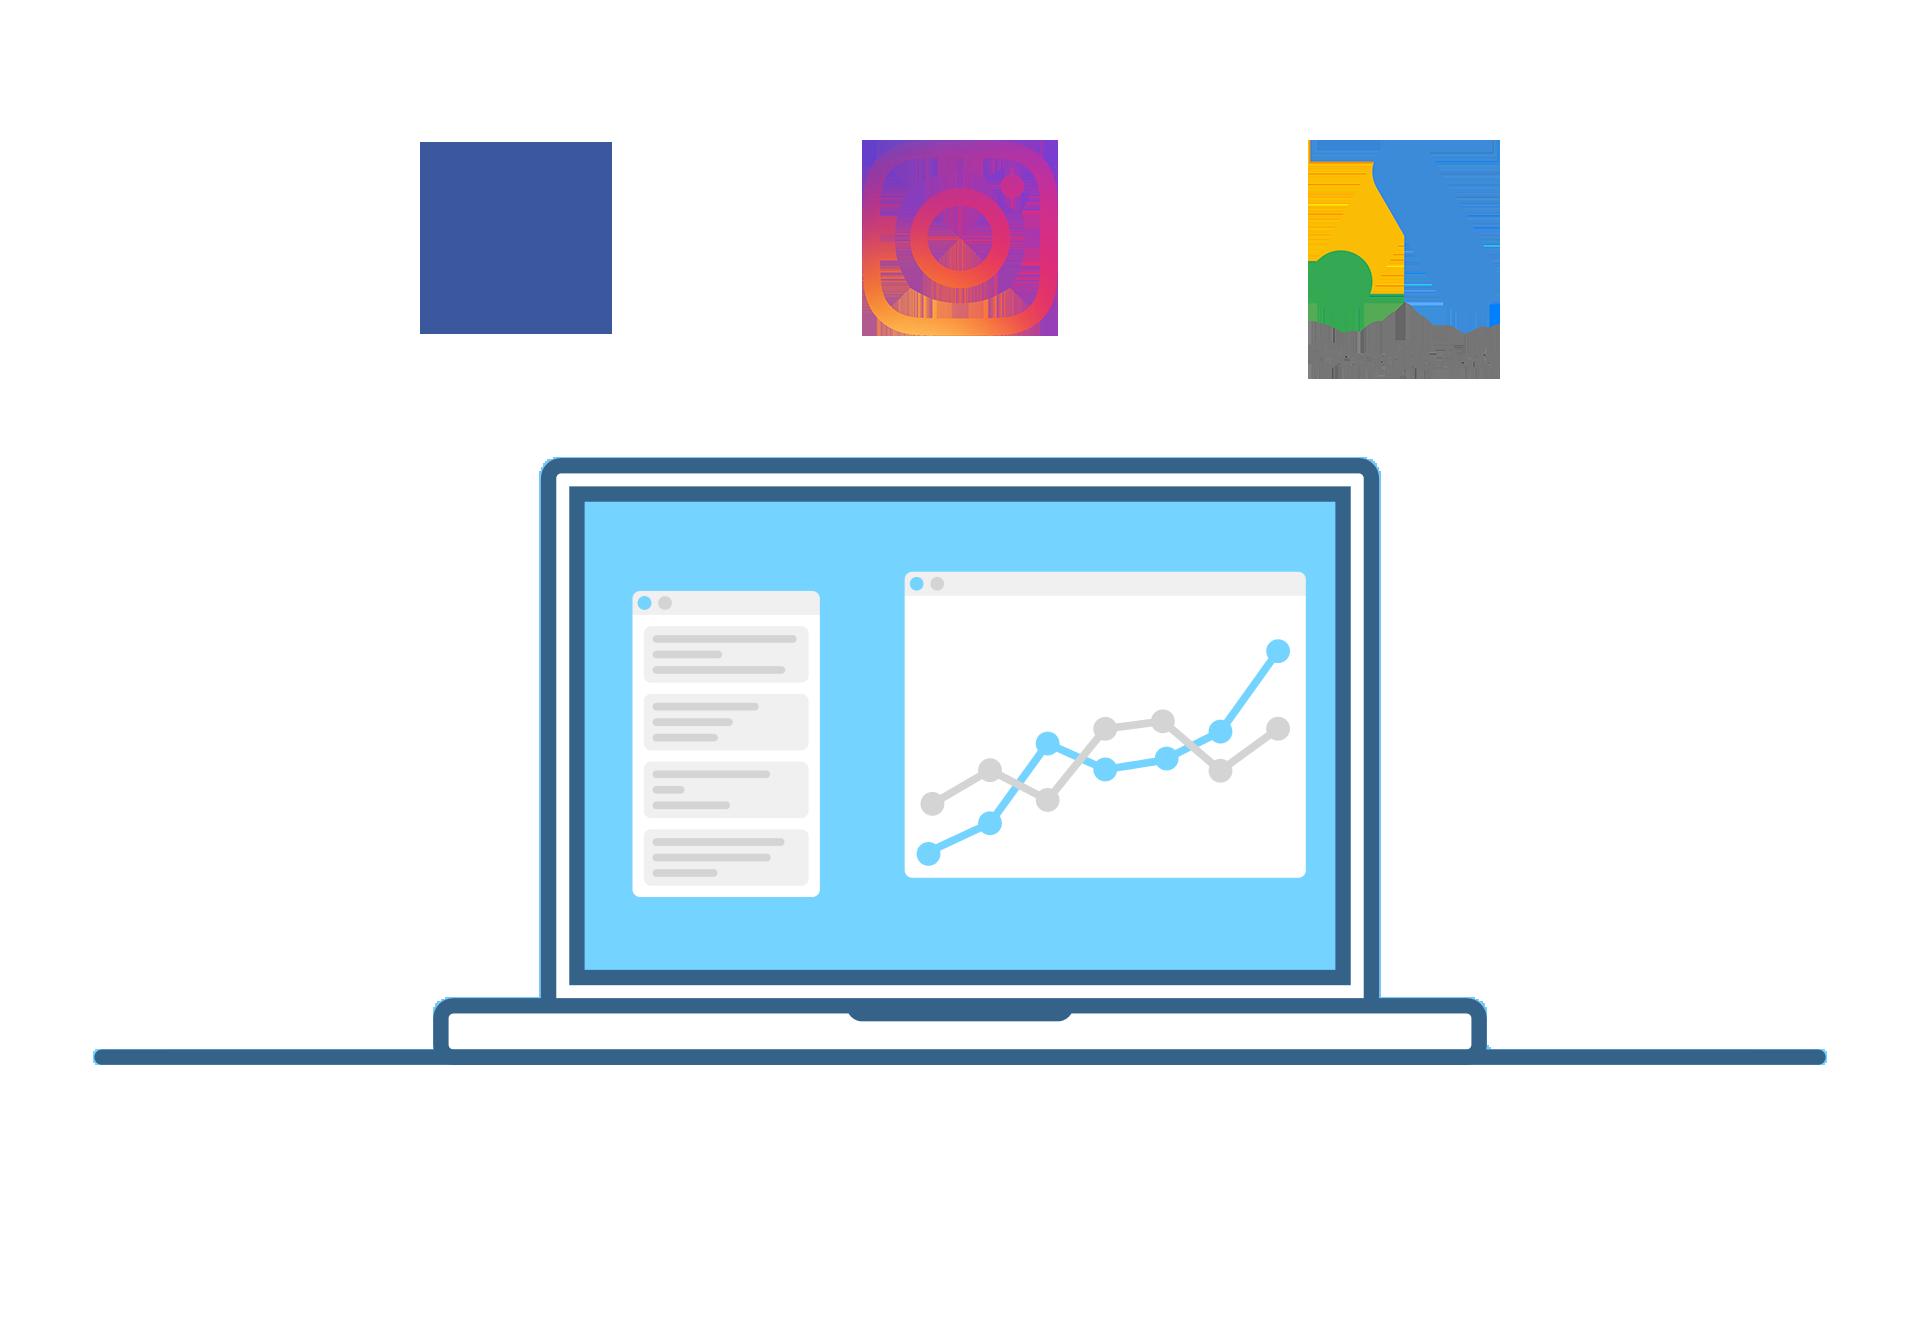 Rapport Social Media